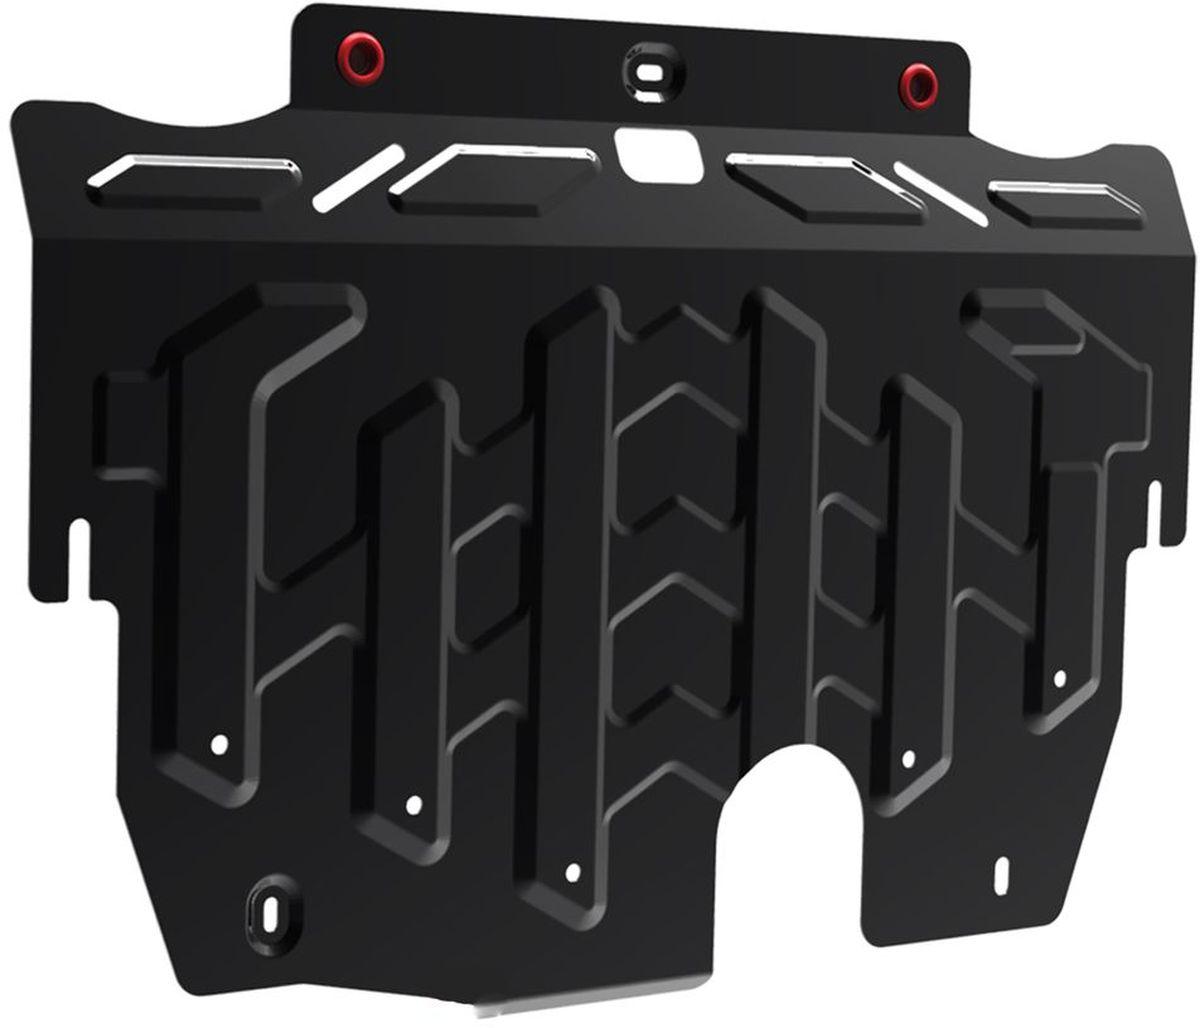 Защита картера и КПП Автоброня, для Ford Galaxy/Mondeo/S-Max. 111.01827.1111.01827.1Технологически совершенный продукт за невысокую стоимость. Защита разработана с учетом особенностей днища автомобиля, что позволяет сохранить дорожный просвет с минимальным изменением. Защита устанавливается в штатные места кузова автомобиля. Глубокий штамп обеспечивает до двух раз больше жесткости в сравнении с обычной защитой той же толщины. Проштампованные ребра жесткости препятствуют деформации защиты при ударах. Тепловой зазор и вентиляционные отверстия обеспечивают сохранение температурного режима двигателя в норме. Скрытый крепеж предотвращает срыв крепежных элементов при наезде на препятствие. Шумопоглощающие резиновые элементы обеспечивают комфортную езду без вибраций и скрежета металла, а съемные лючки для слива масла и замены фильтра - экономию средств и время. Конструкция изделия не влияет на пассивную безопасность автомобиля (при ударе защита не воздействует на деформационные зоны кузова). Со штатным крепежом. В комплекте инструкция по...